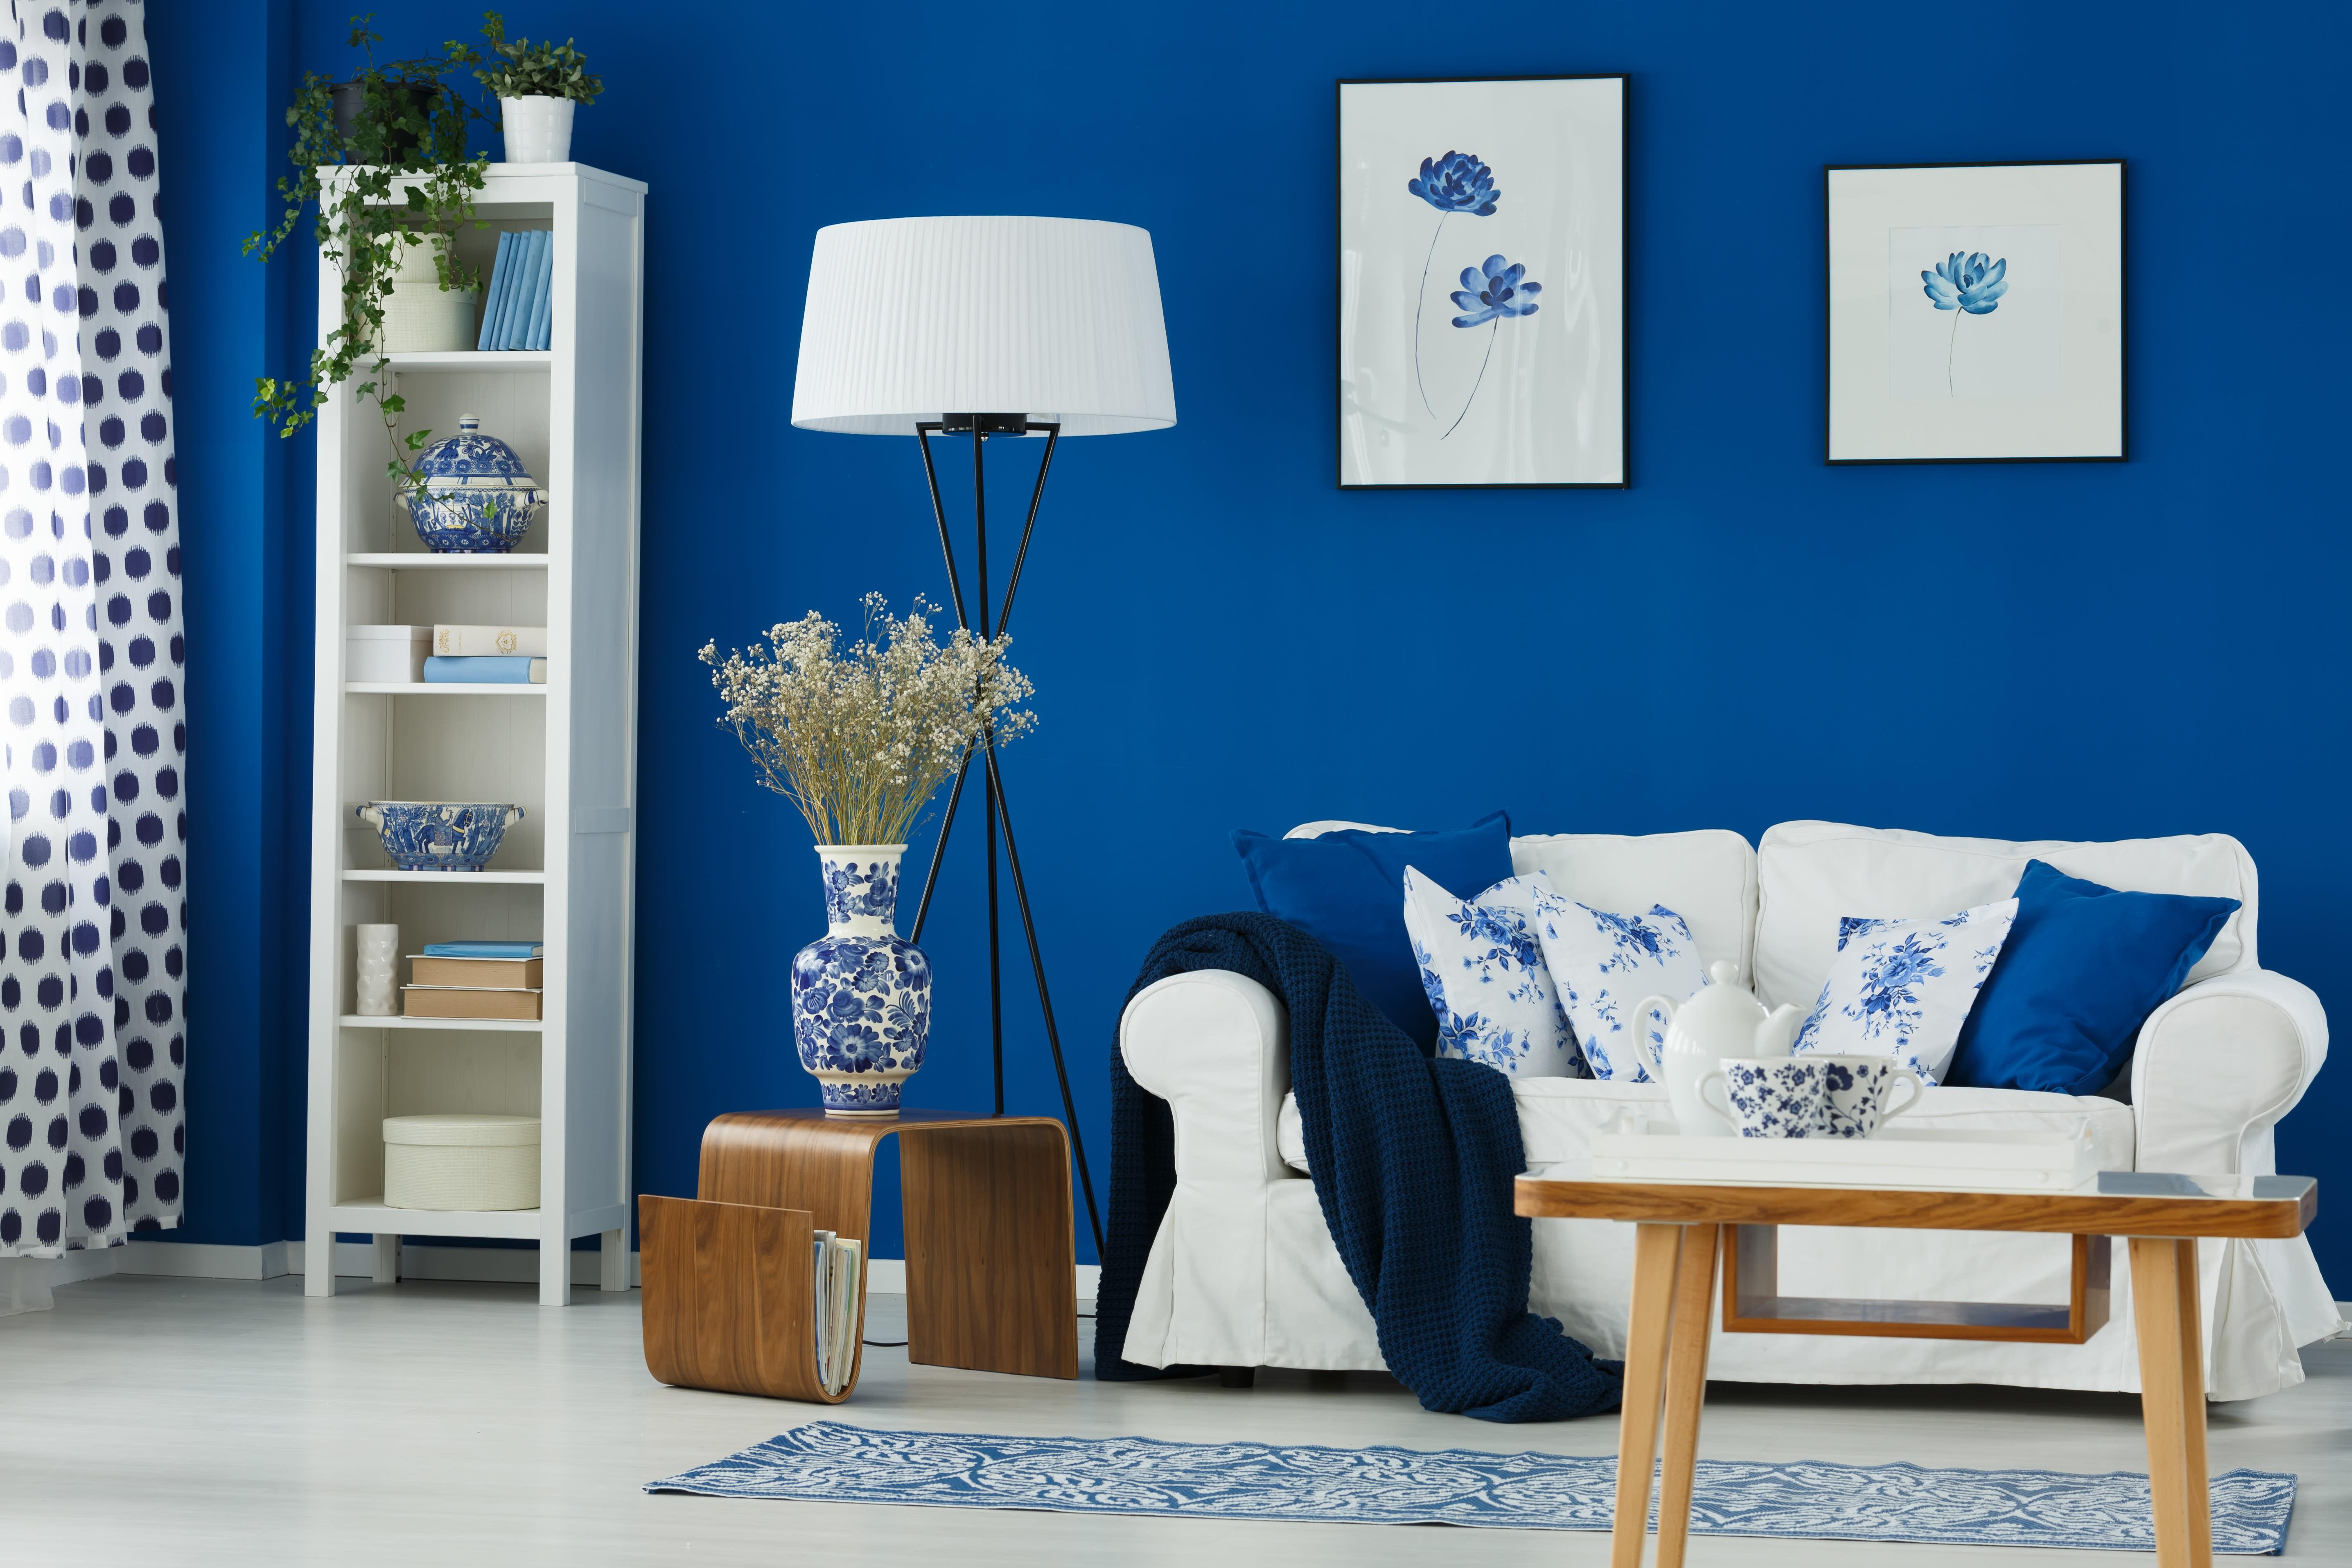 Dale color a tu casa con cambios sencillos y poco presupuesto